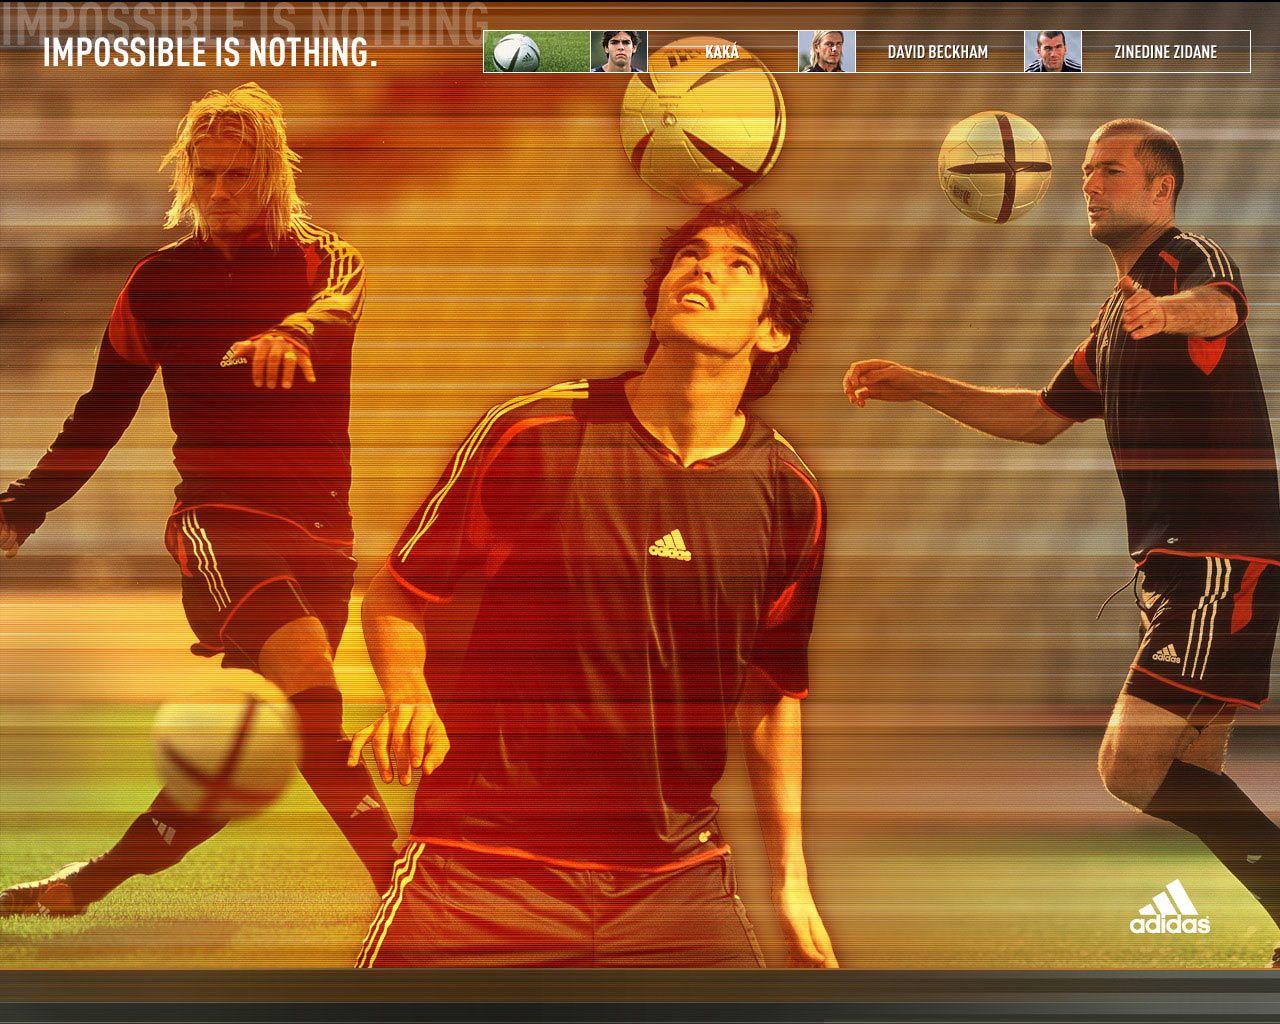 Image result for kaka adidas beckham zidane